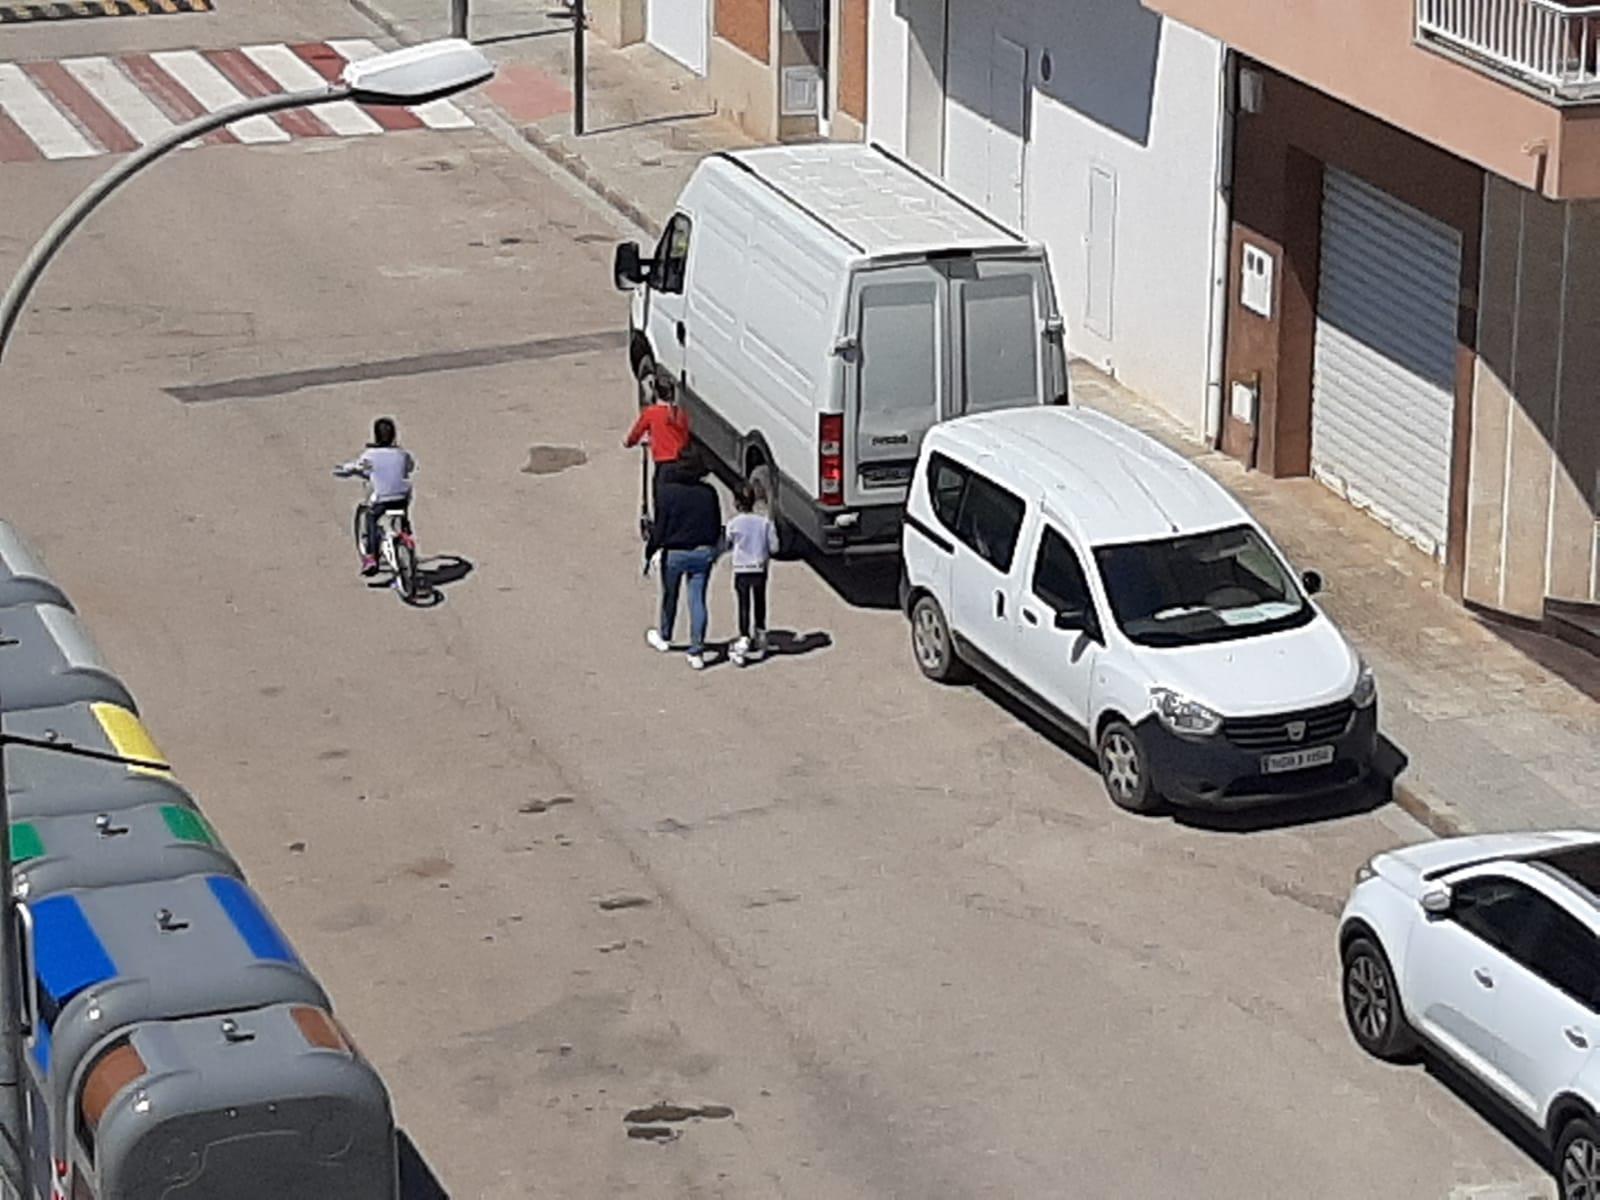 Cap incidència en el primer dia de sortida al carrer dels xiquets i xiquetes d'Alcanar